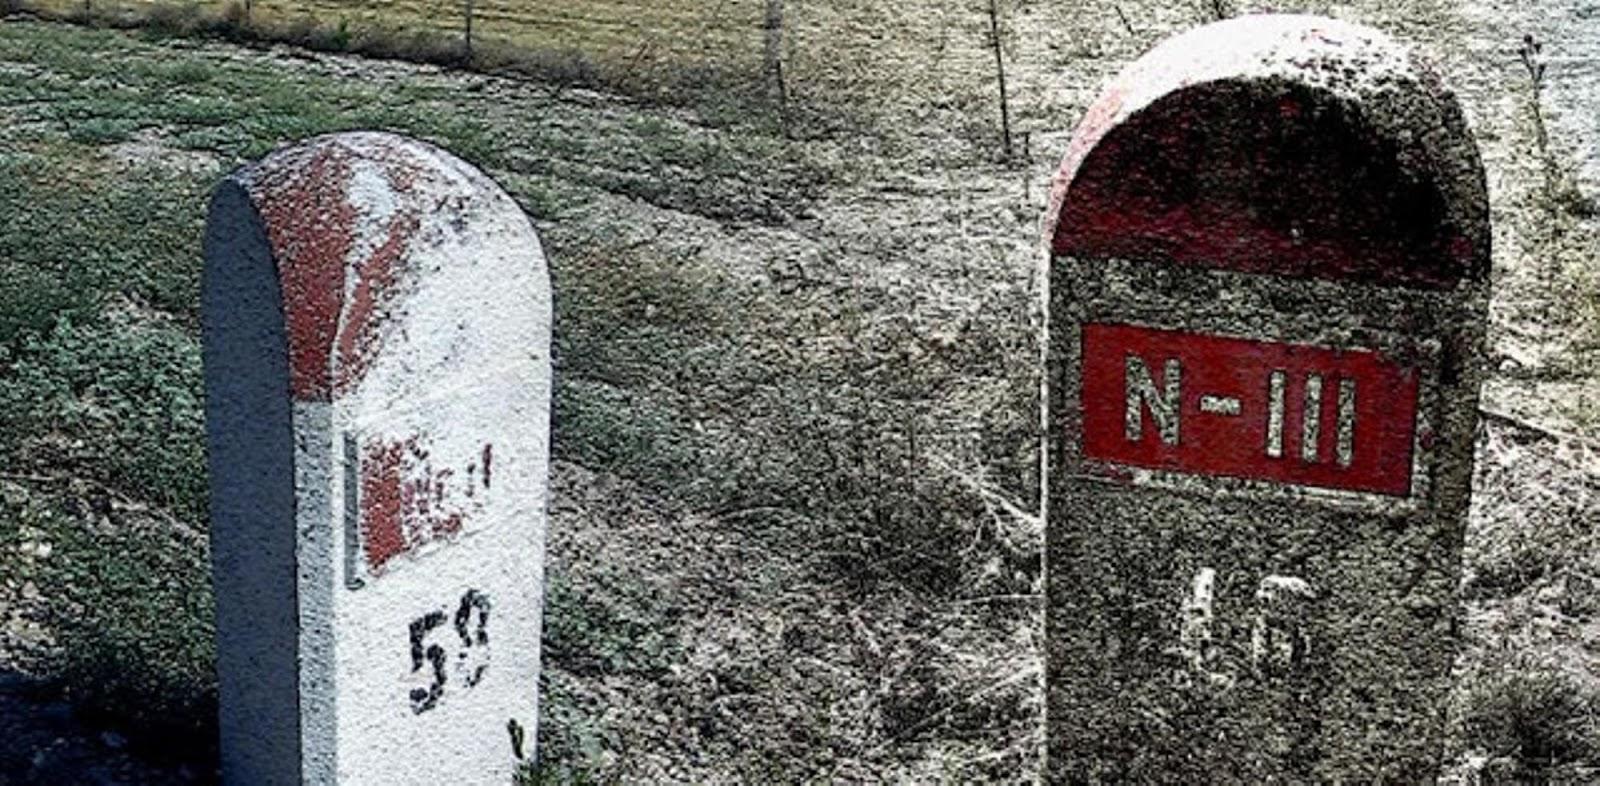 Nacional Iii Una Ruta Historica Los Hitos Kilometricos De La N Iii